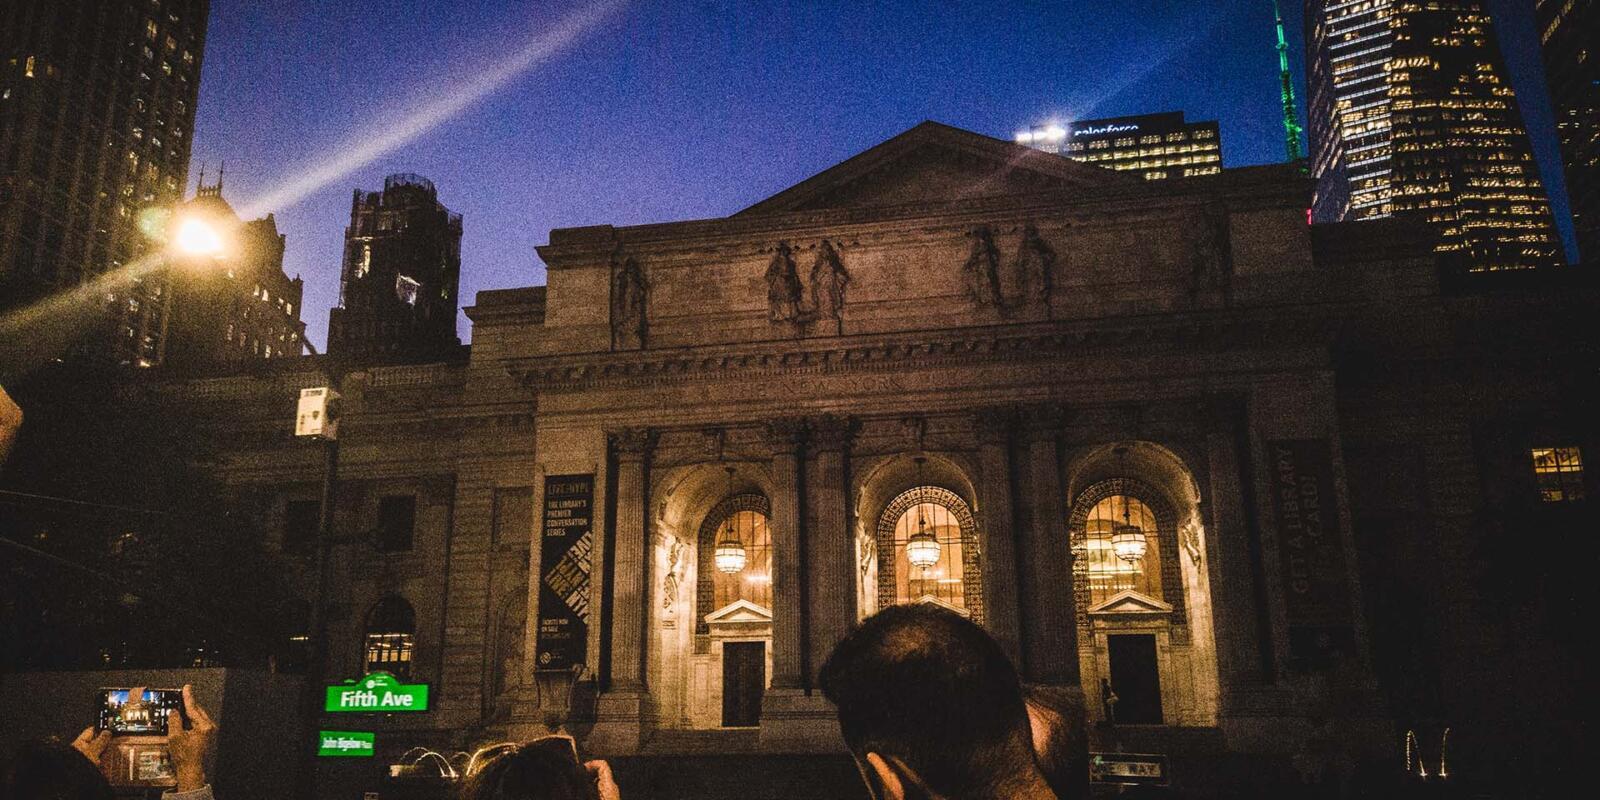 Biblioteca Pública de Nueva York por la noche